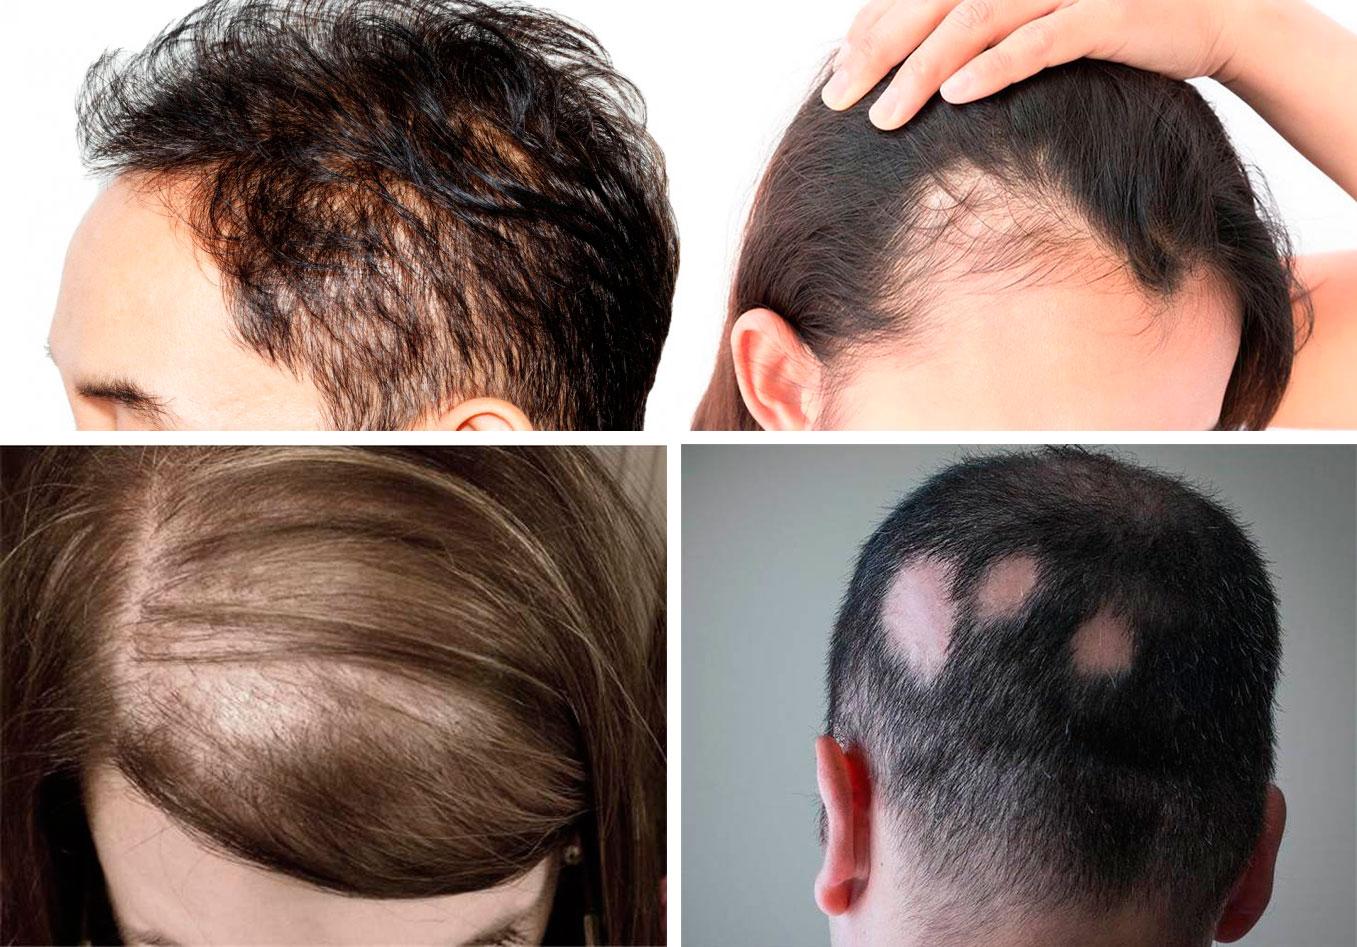 chto takoe alopeciya